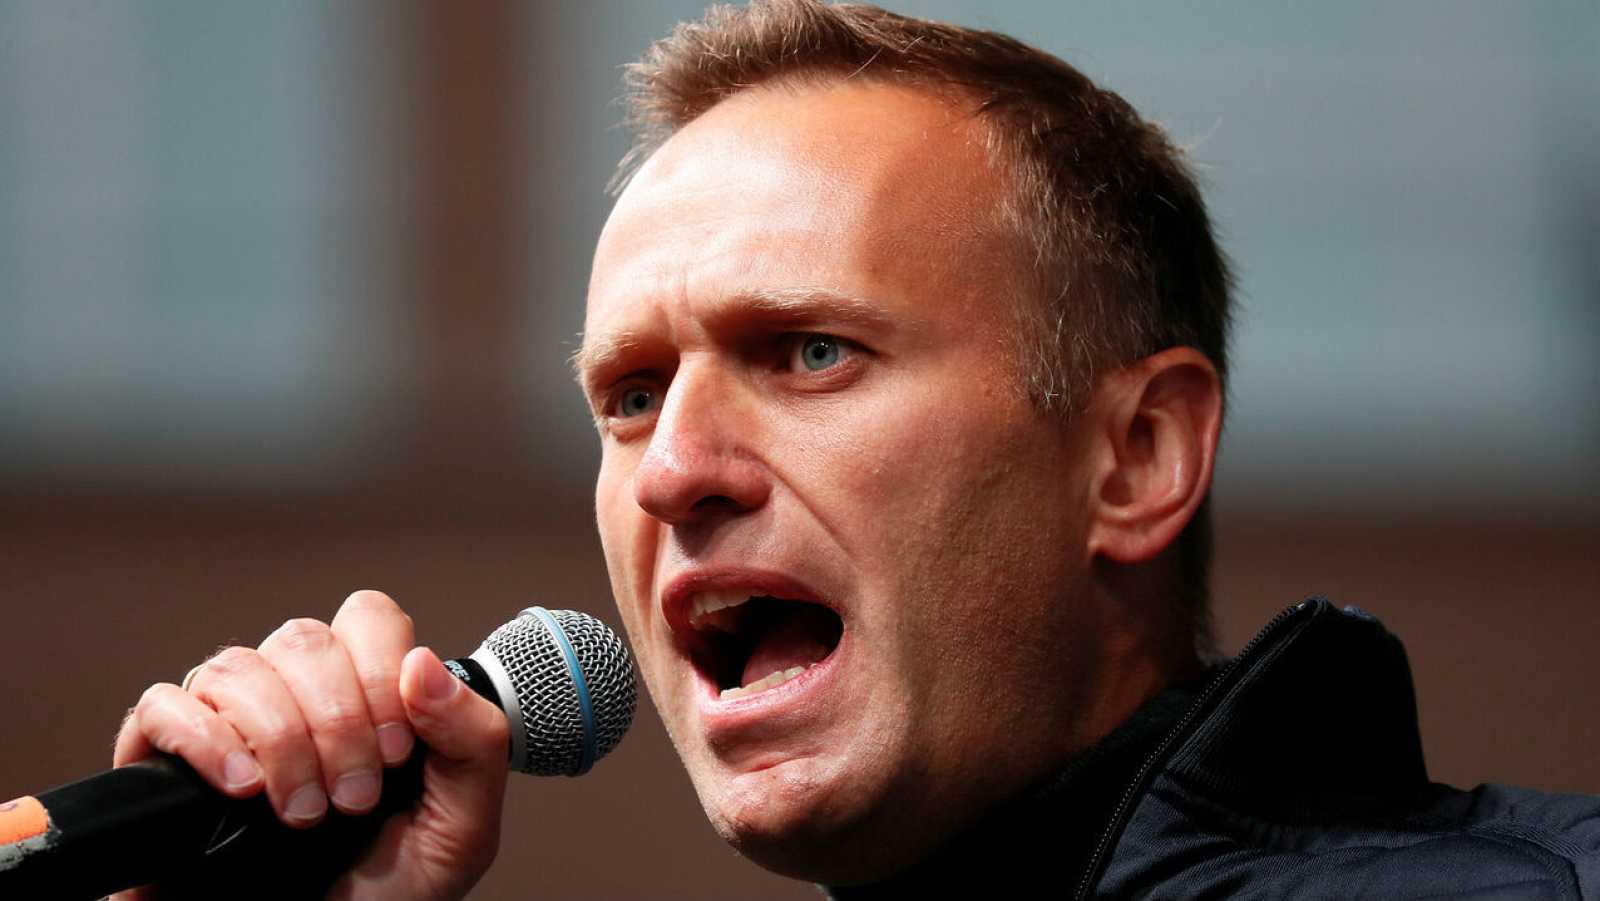 El líder opositor rusa, Alexei Navalny, pronuncia un discurso durante una manifestación en Moscú, Rusia.